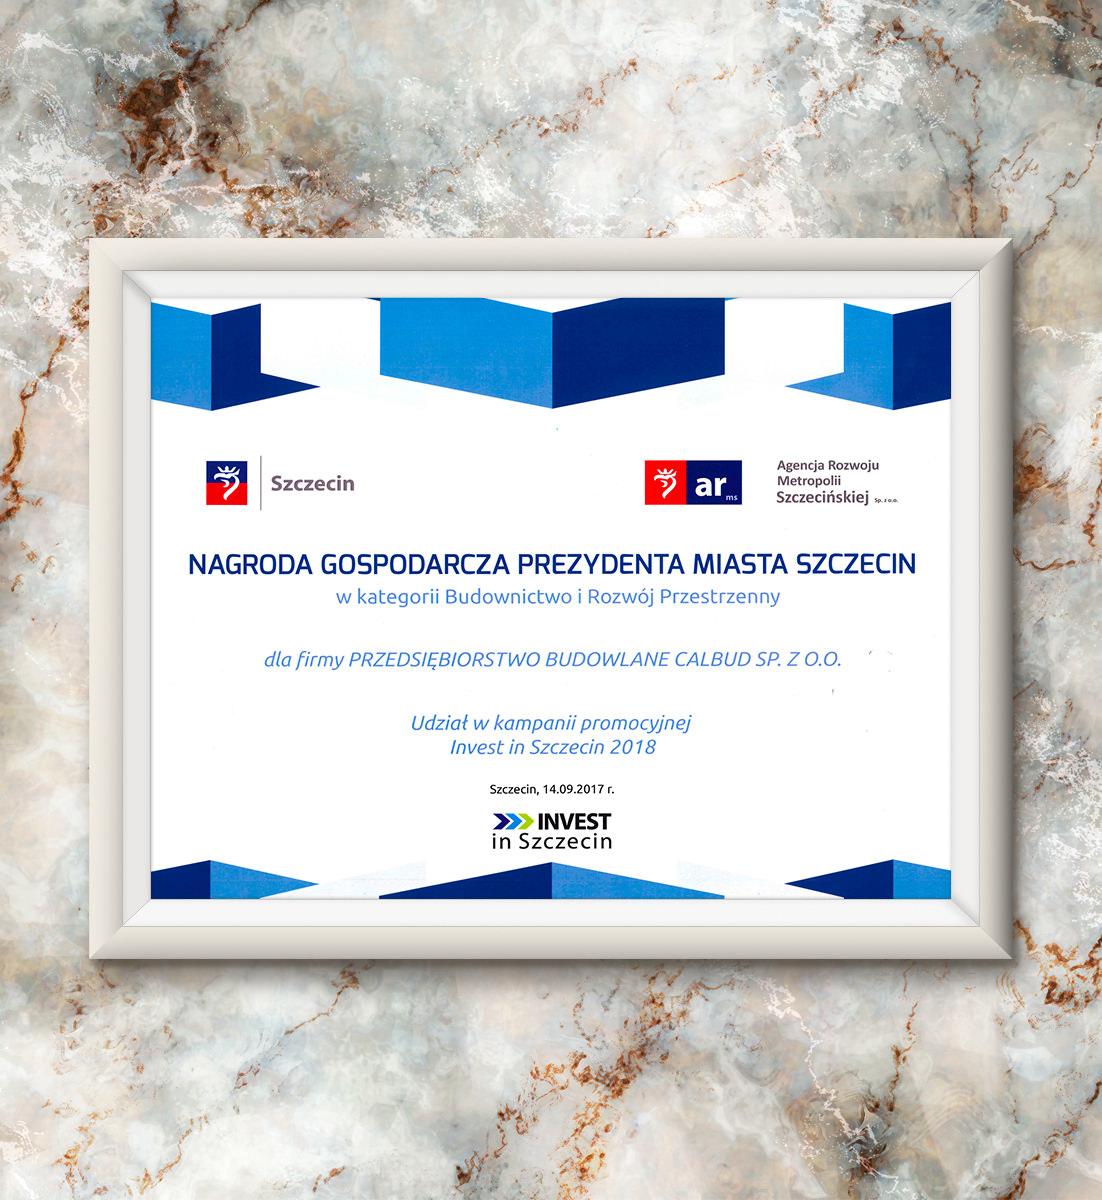 Nagroda Gospodarcza Prezydenta Miasta Szczecin | 2017